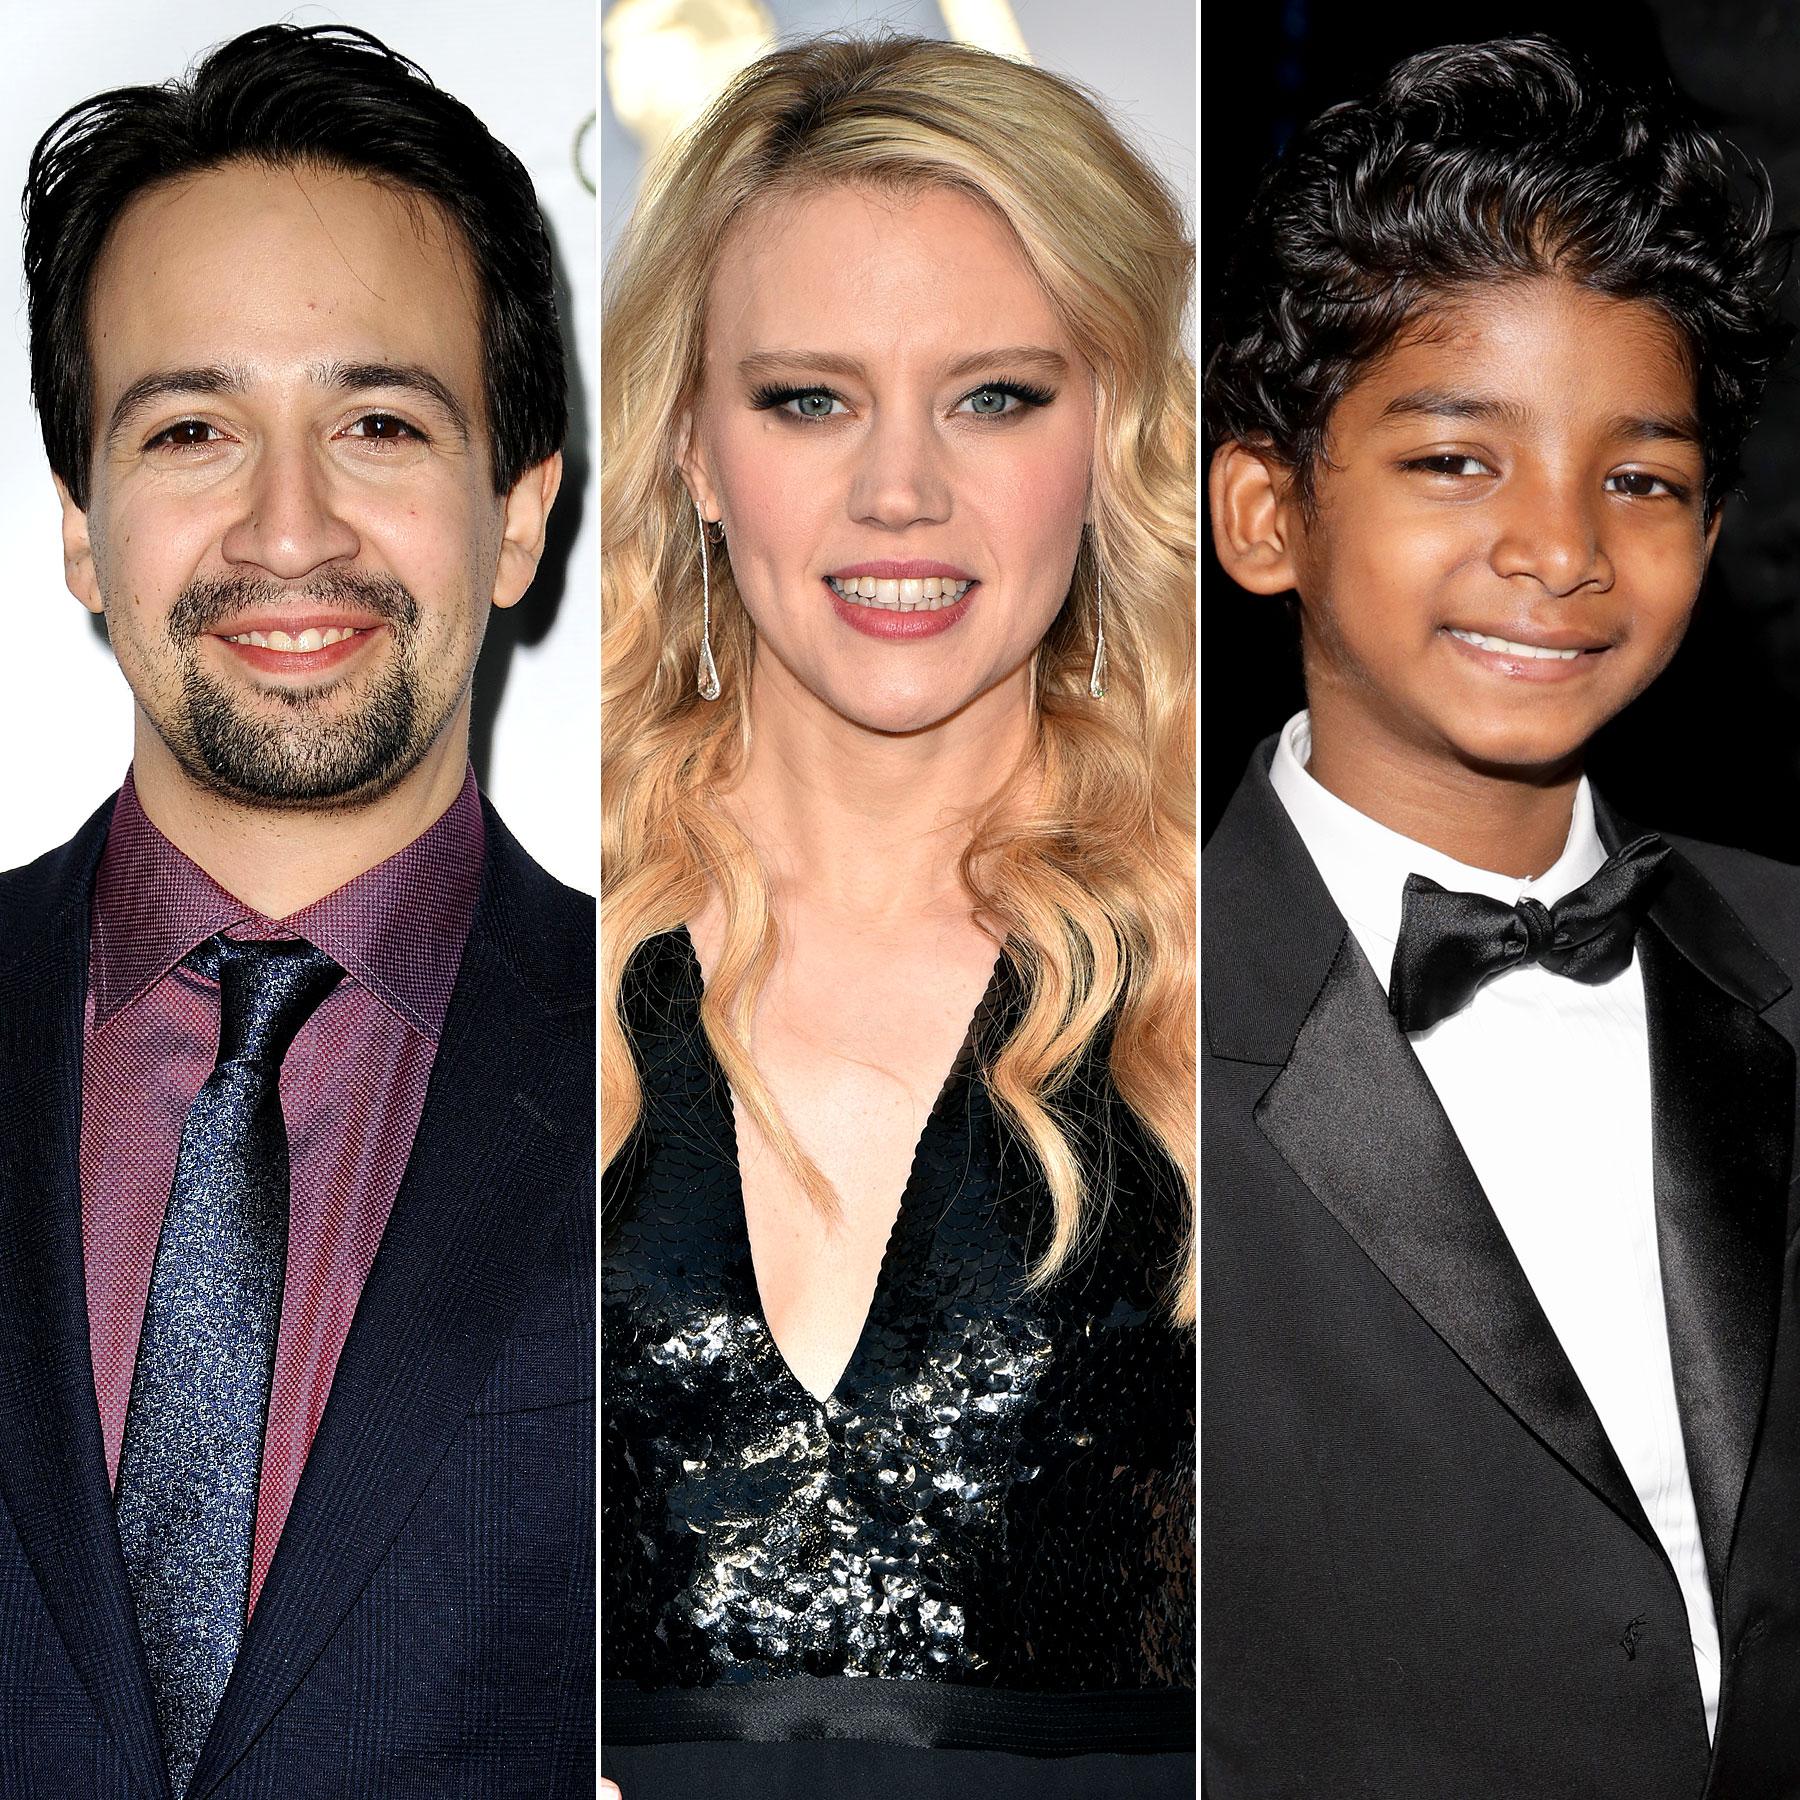 Next Oscar Host?